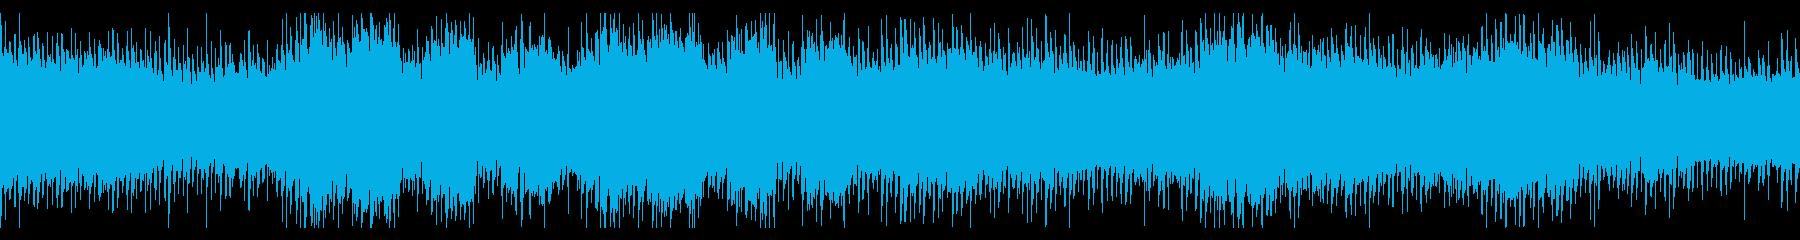 U2風の叙情的で切ないギターロックの再生済みの波形